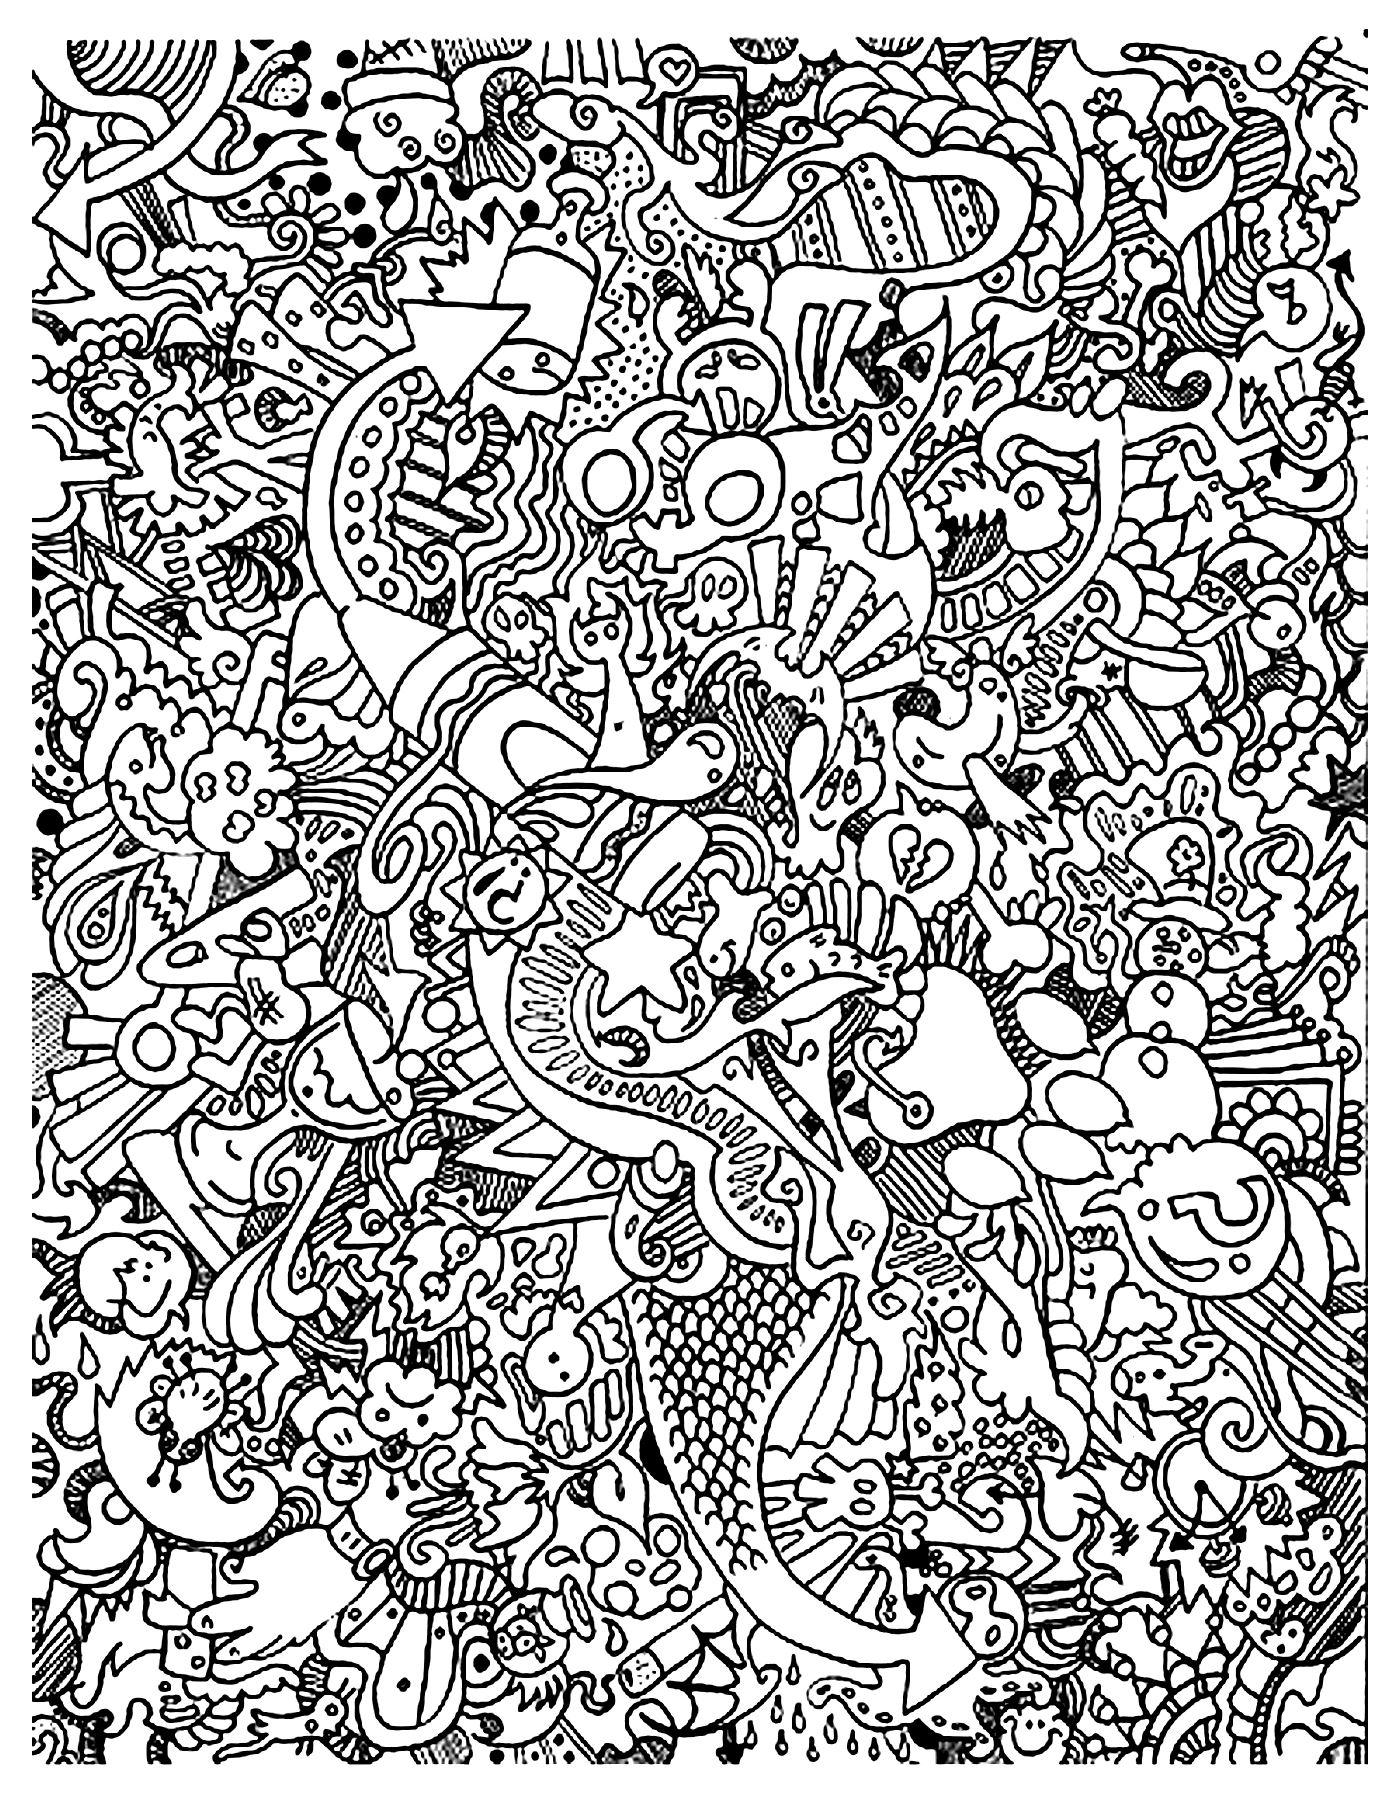 Gekritzelkunst gekritzel 54164 - Doodle art / Doodling ...